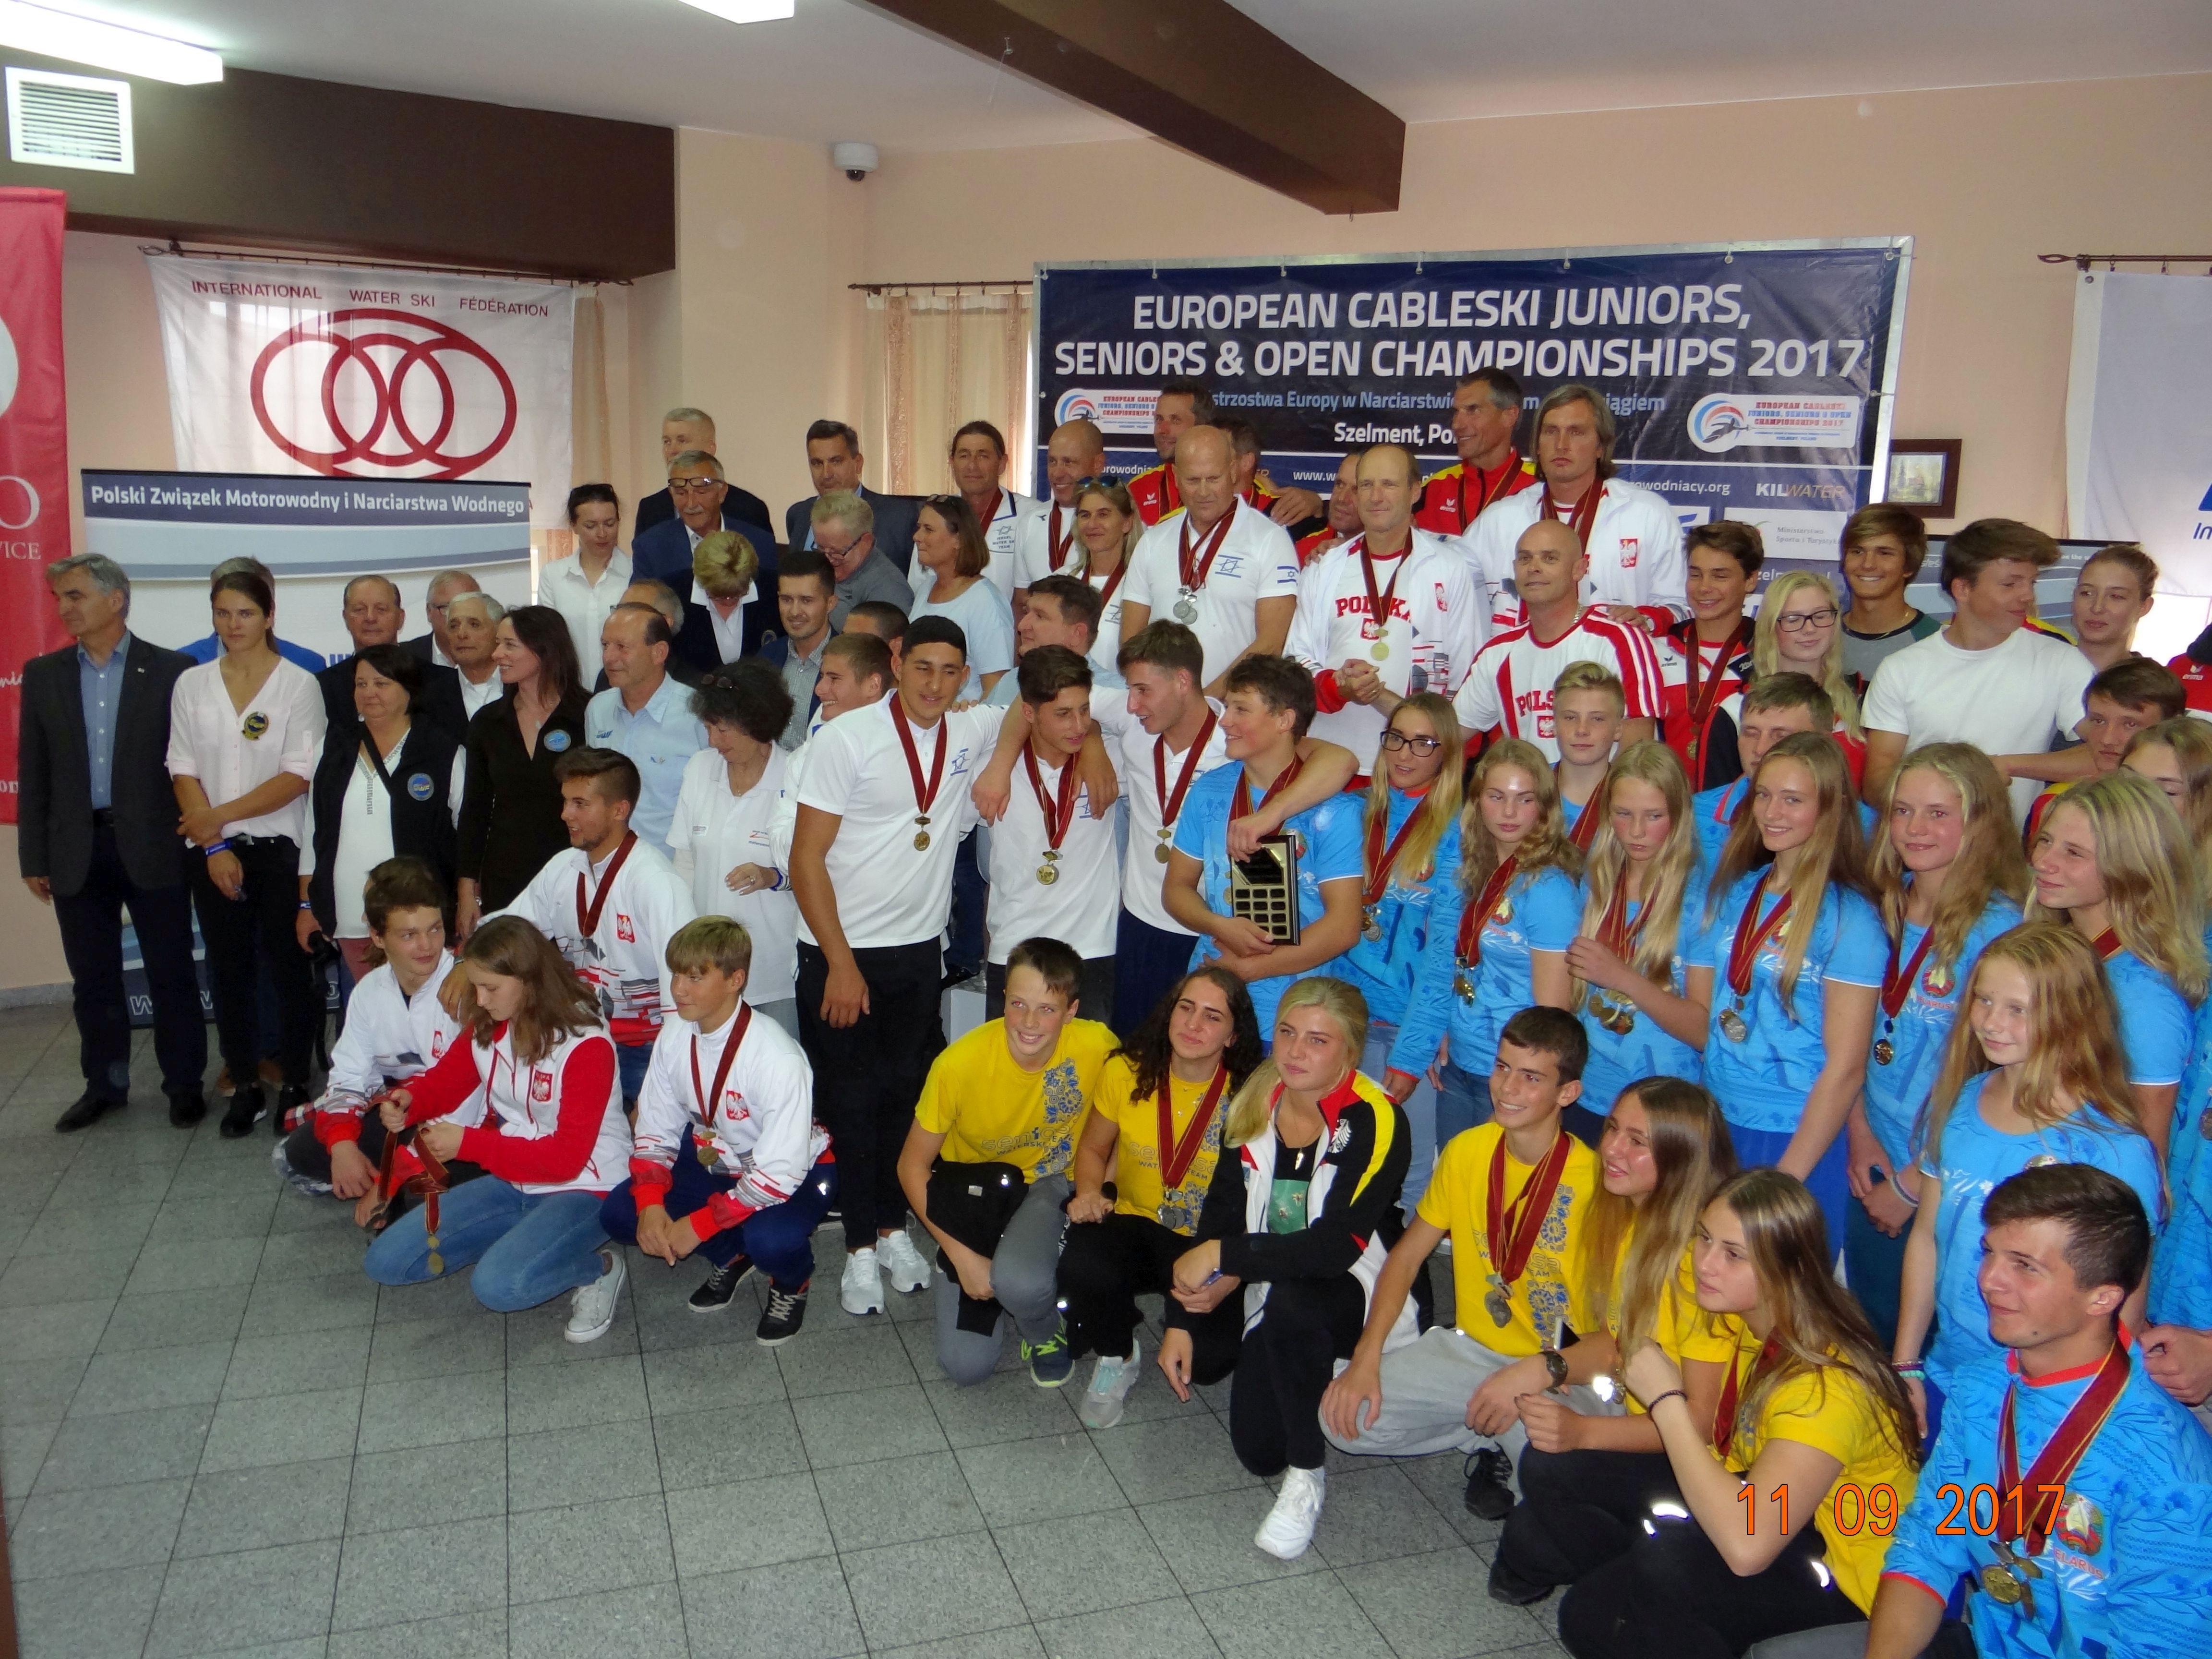 Pierwsza część Mistrzostw Europy w Narciarstwie Wodnym w Szelmencie już za nami.